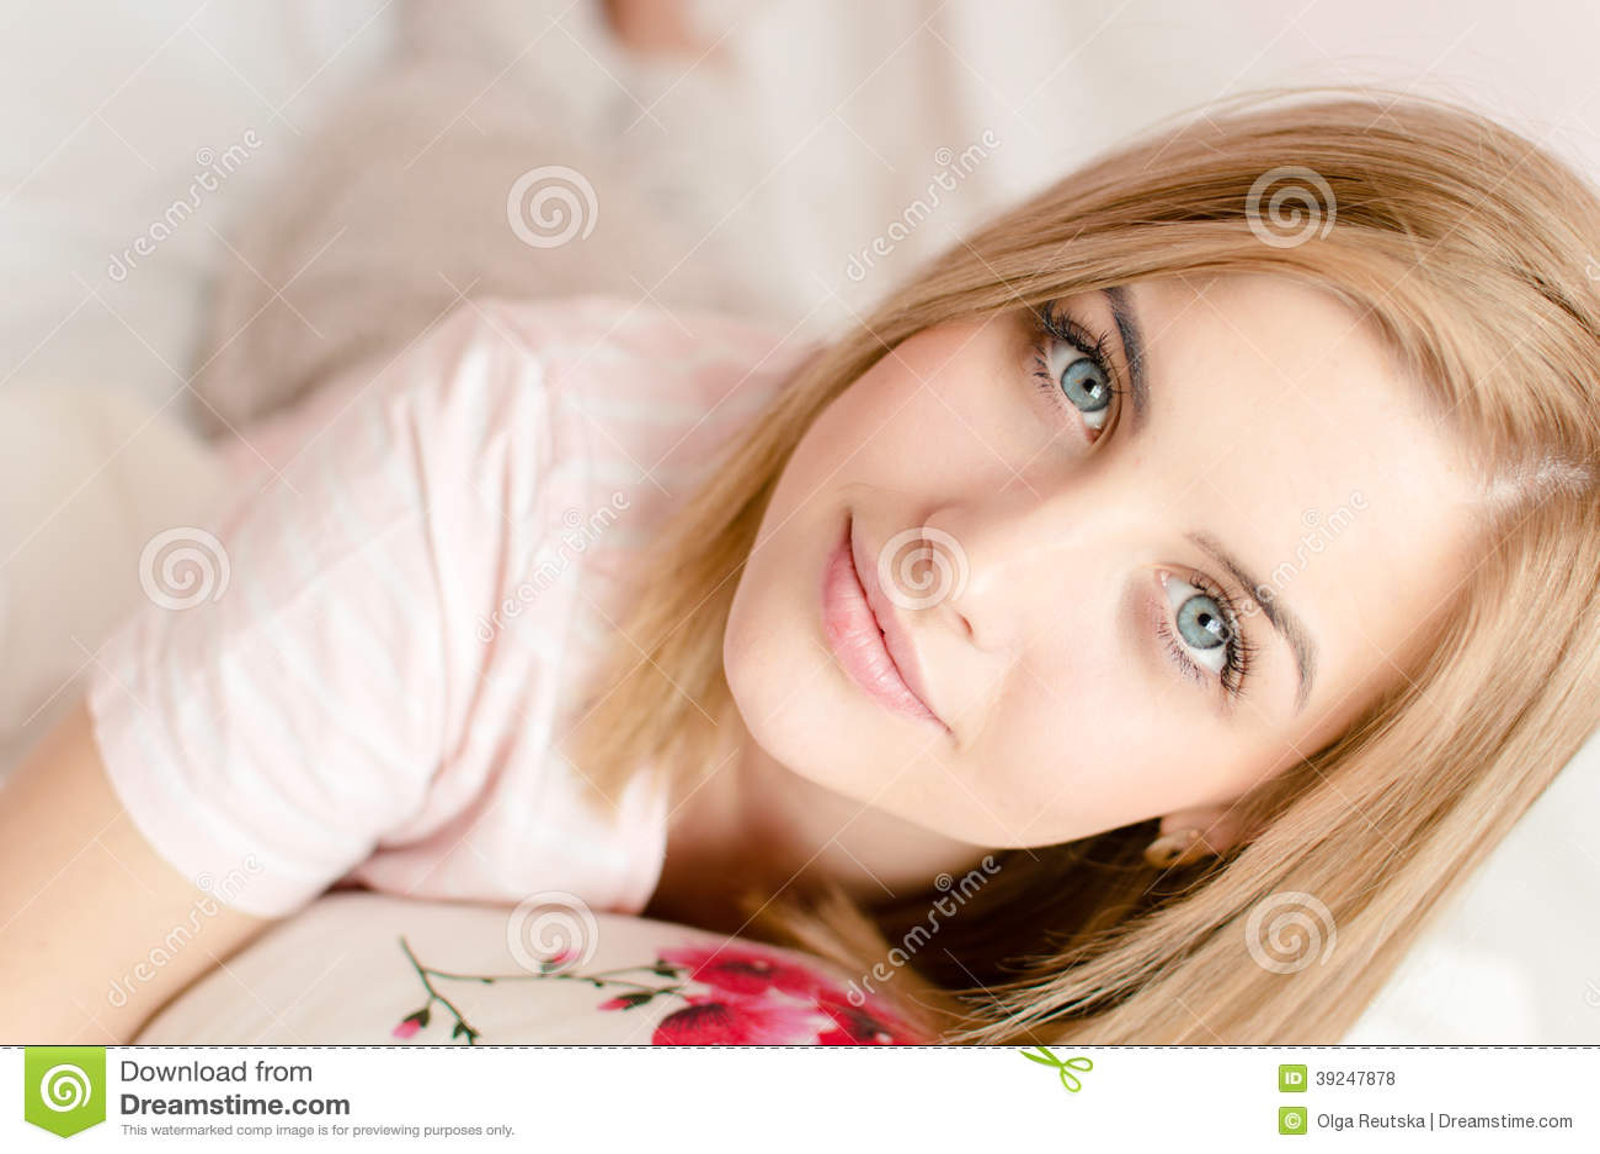 Zbliżenie portret atrakcyjna piękna młoda blond kobieta z niebieskimi oczami i znakomitą skórą w kamerze łóżkowej & patrzeje